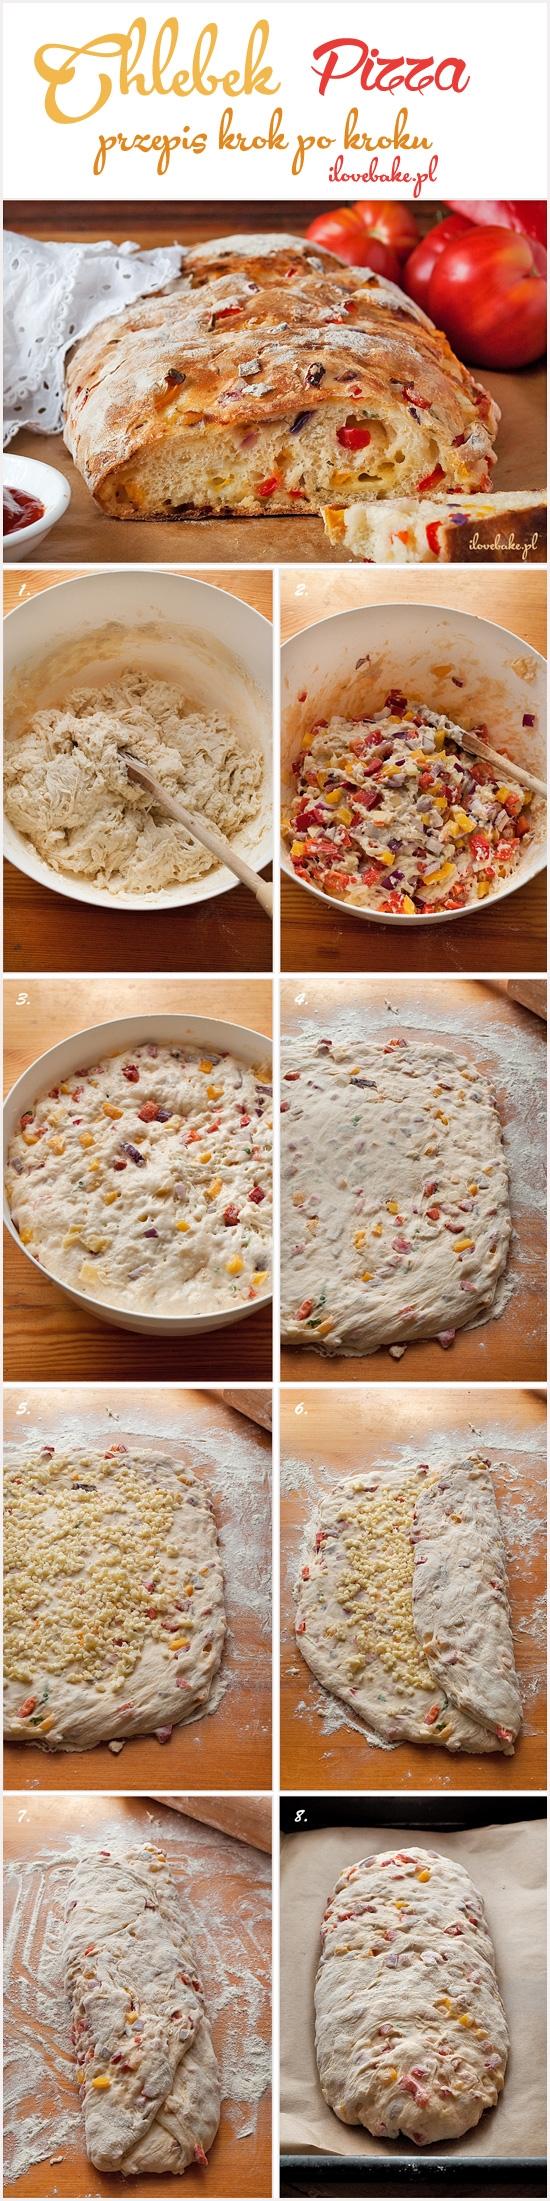 CHLEBEK PIZZA  SKŁADNIKI NA CIASTO:  3 1/3 szklanki mąki pszennej 2 łyżeczki drożdży suchych 1 1/2 szklanki ciepłej wody 2 łyżeczki soli 1 1/2 łyżki cukru DODATKOWO:  2 1/2 szklanki pokrojonych warzyw (papryki, czerwonej cebuli, oliwek, suszonych pomidorów, czosnek) 2-3 plastry sera żółtego, pokrojonego na kawałki 250 g sera mozzarella, pokrojonego w kosteczkę Drożdże zalewamy ciepłą wodą i zostawiamy na około 3 min. Po tym czasie dodajemy przesianą mąkę, sól oraz cukier. Mieszamy dużą łyżką najlepiej drewnianą tylko do połączenia. Dodajemy pokrojone warzywa oraz ser żółty. Ponownie mieszamy (można lekko podsypać ciasto mąką, ale nie za dużo), owijamy folią i zostawiamy na 1 godz. Po tym czasie miskę z ciastem wkładamy na godzinę do lodówki. Stolnicę dobrze oprószamy mąką, wykładamy ciasto i wałkujemy je na grubość ok. 1-1,5 cm. Wykładamy równomiernie pokrojoną mozzarellę. Jeden bok zawijamy na drugi, łączeniem przekładamy ciasto na spód, a końce ciasta podwijamy pod spód. Przekładamy na blachę wyłożoną papierem do pieczenia. Zostawiamy na 10 min do napuszenia. Pieczemy w temp. 230 C przez ok. 30-35 min do zarumienienia skórki. Jeśli skórka za mocno się przypieka można przykryć folią aluminiową i zdjąć ją na ok. 3 min przed końcem pieczenia.